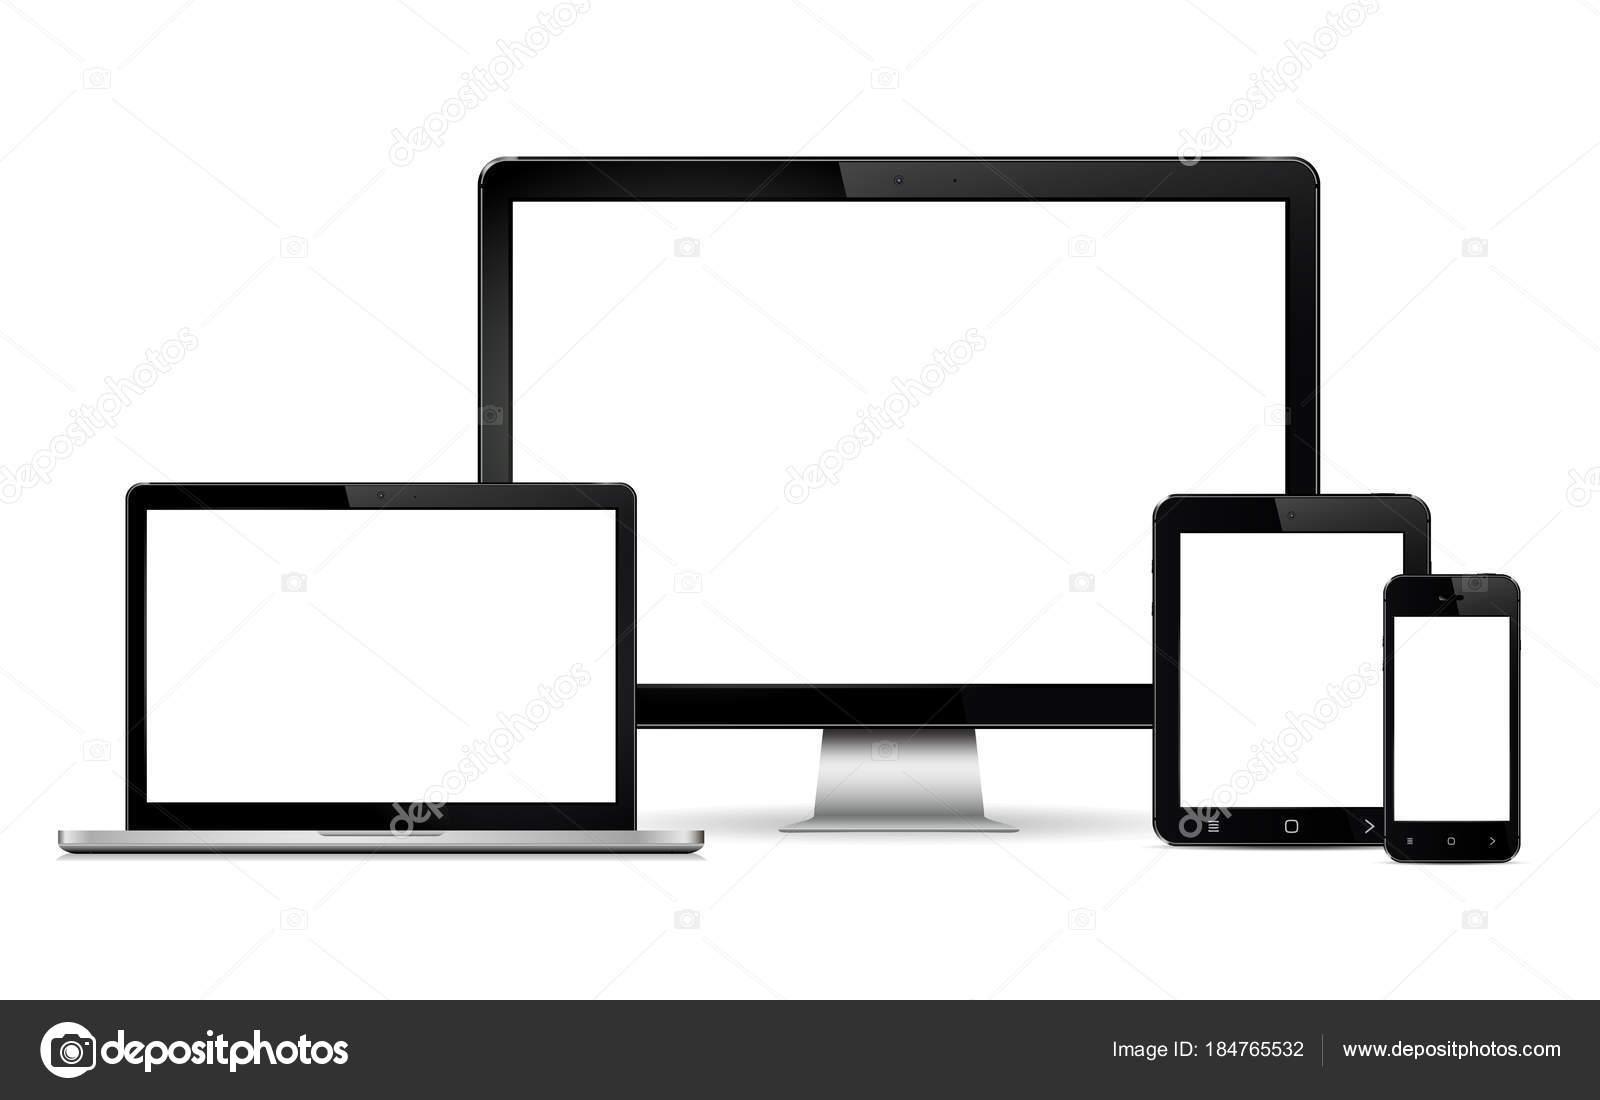 Monitor de computadora realistas, ordenador portátil, teléfonos ...